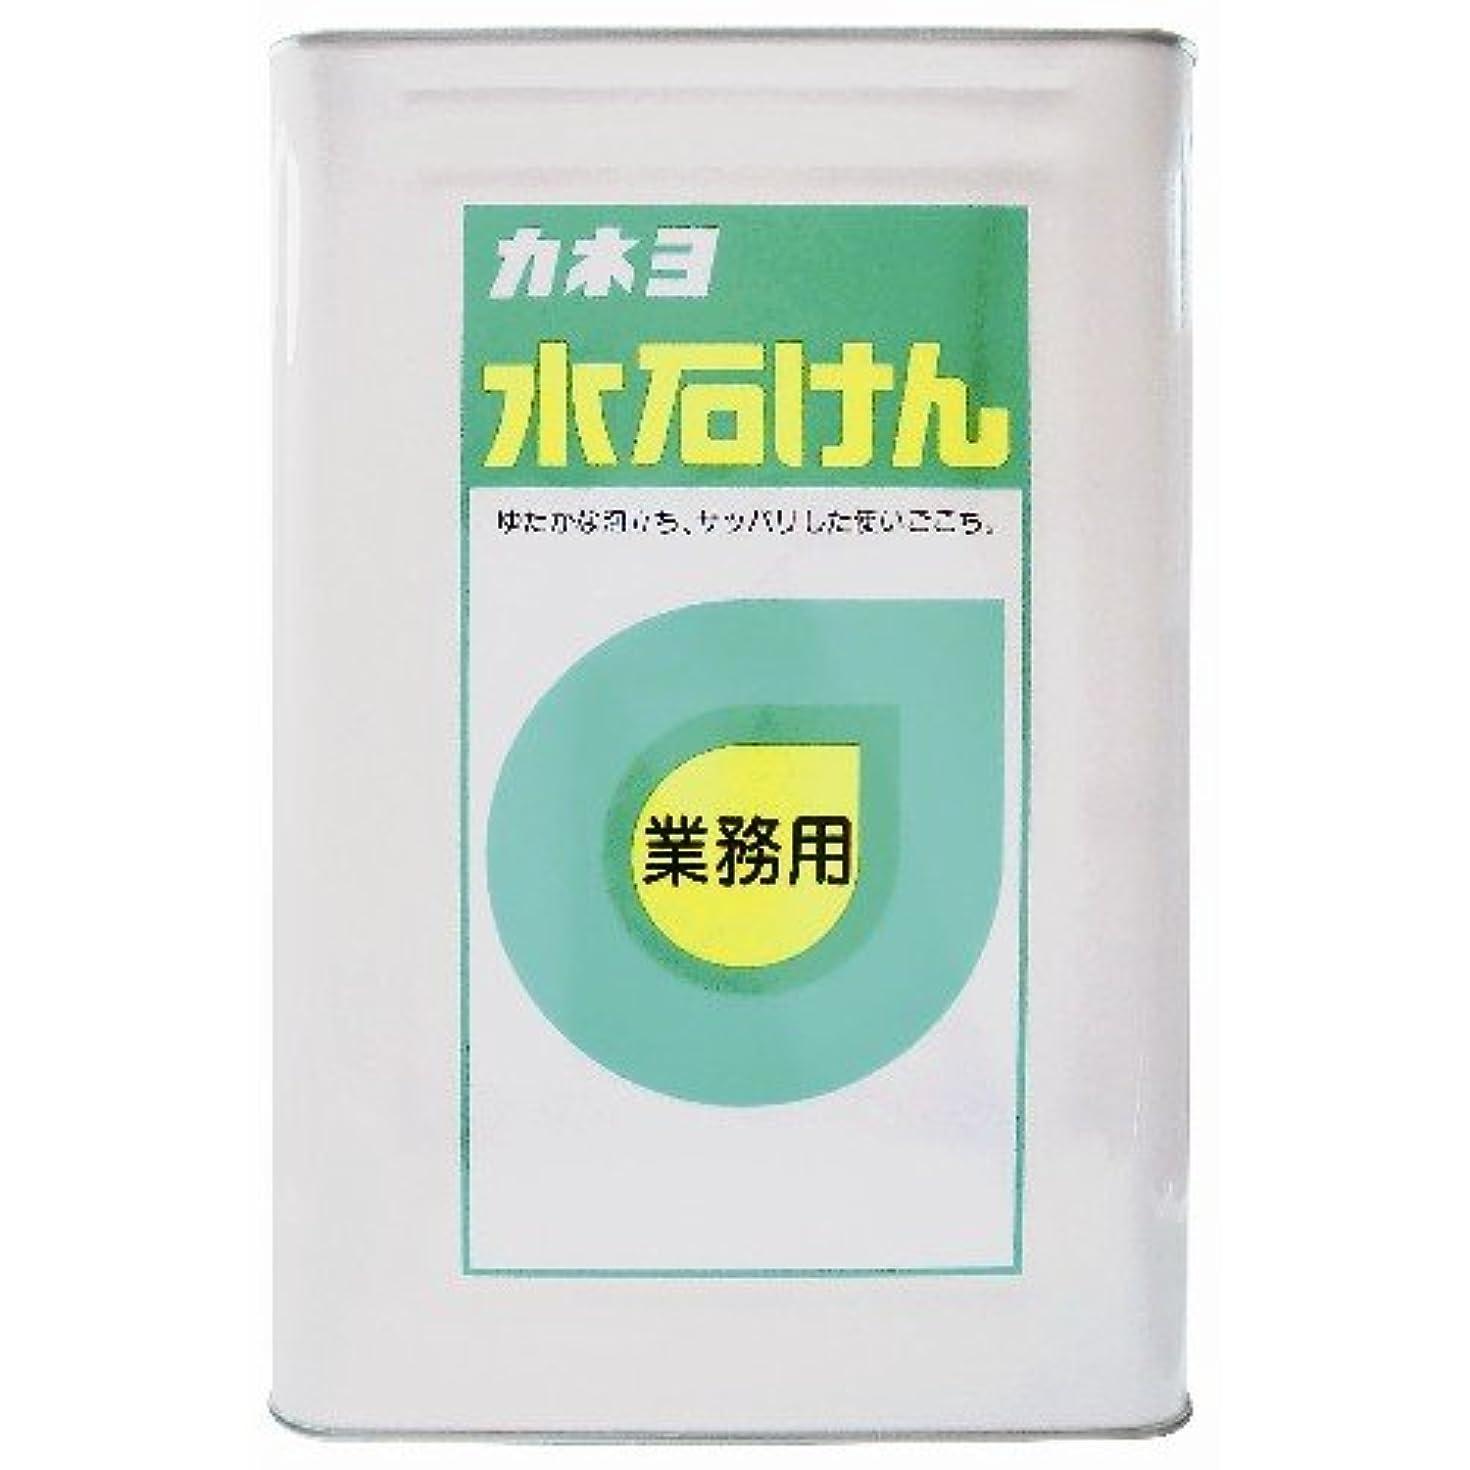 ハードウェア疑いストローク【大容量】 カネヨ石鹸 ハンドソープ 水石けん 液体 業務用 18L 一斗缶